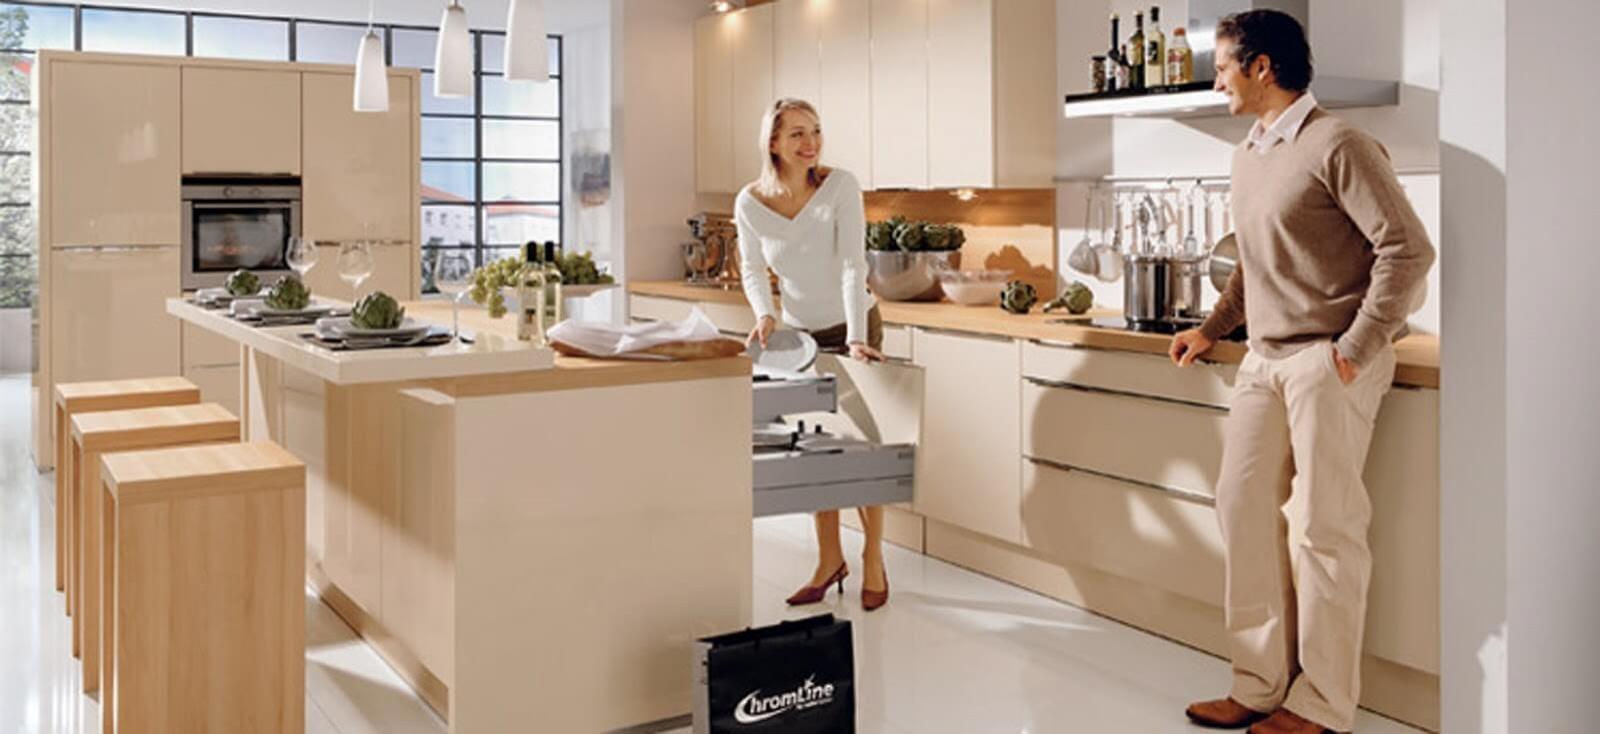 Фото барной стойки на кухне в мягких коричневых тонах